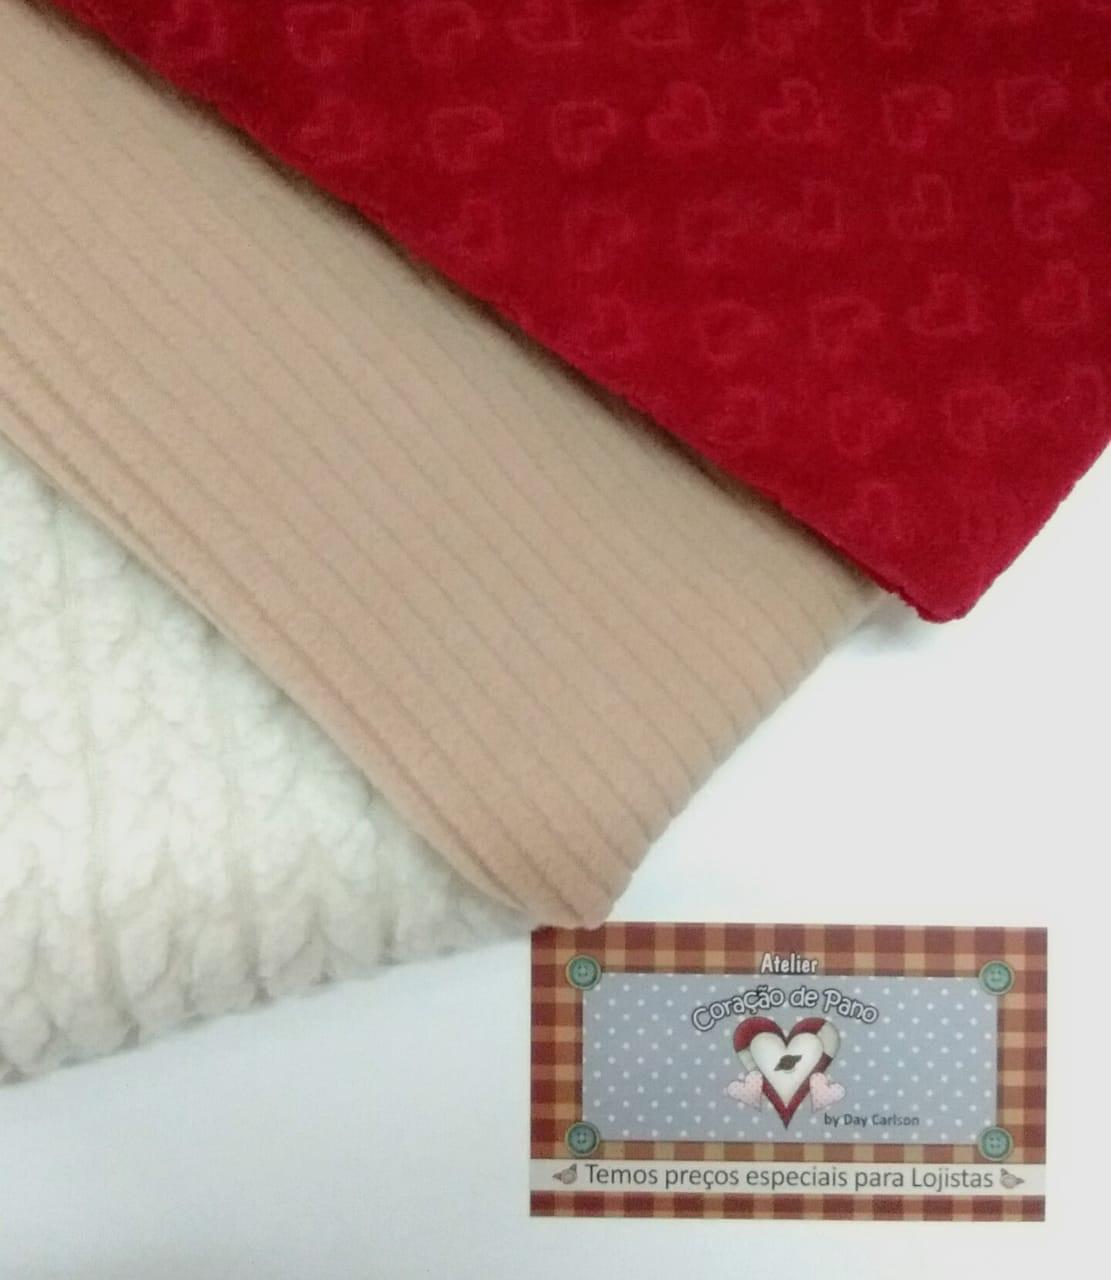 Kit Tecidos Especiais - 3 cortes